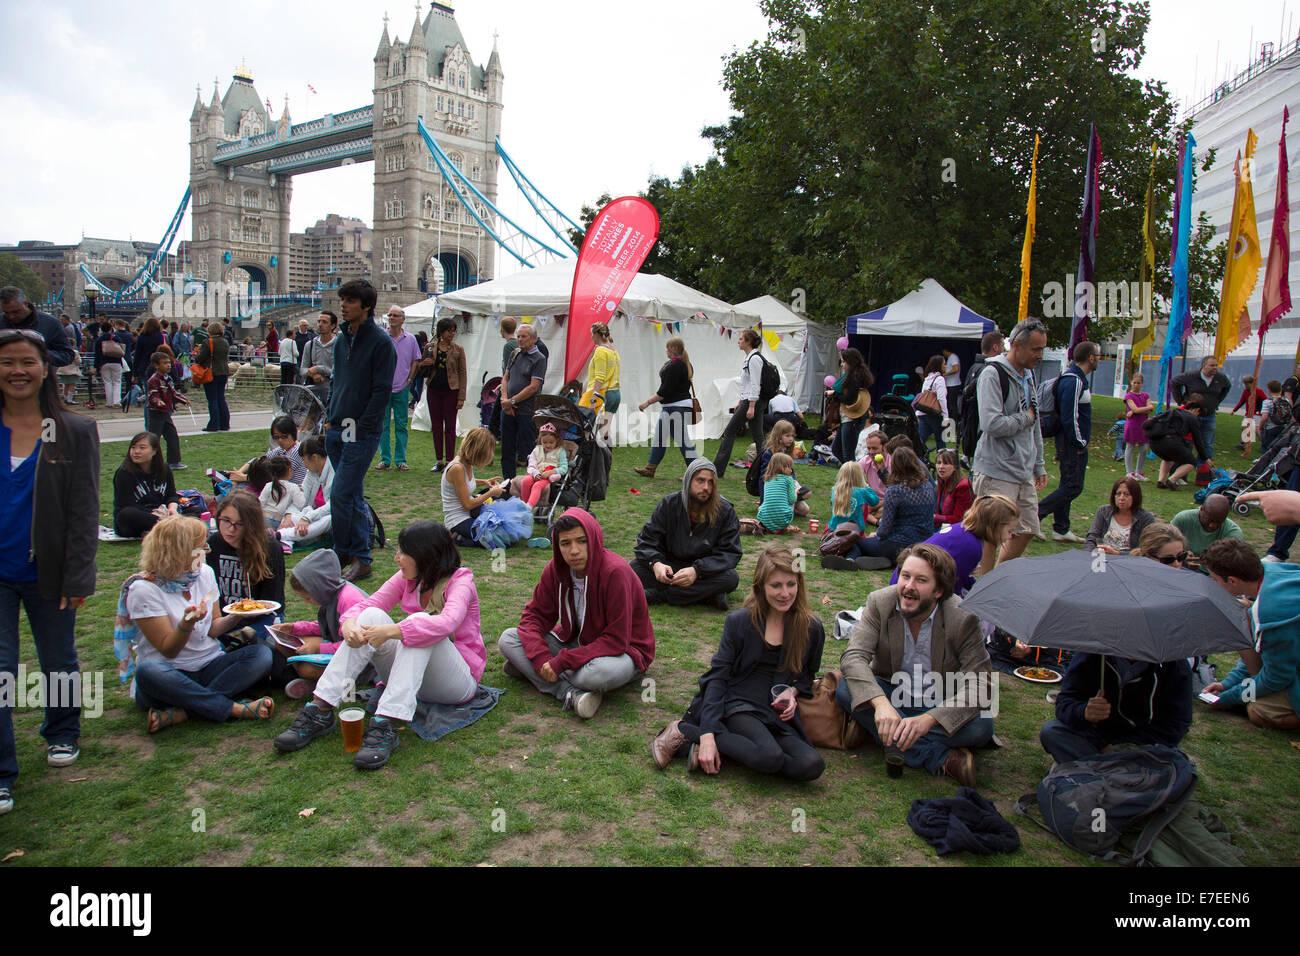 Personas que se reúnen para pasar el rato, escuchan bandas y otras actividades en la aldea de Blue Ribbon. Thames Festival Londres Reino Unido. Foto de stock